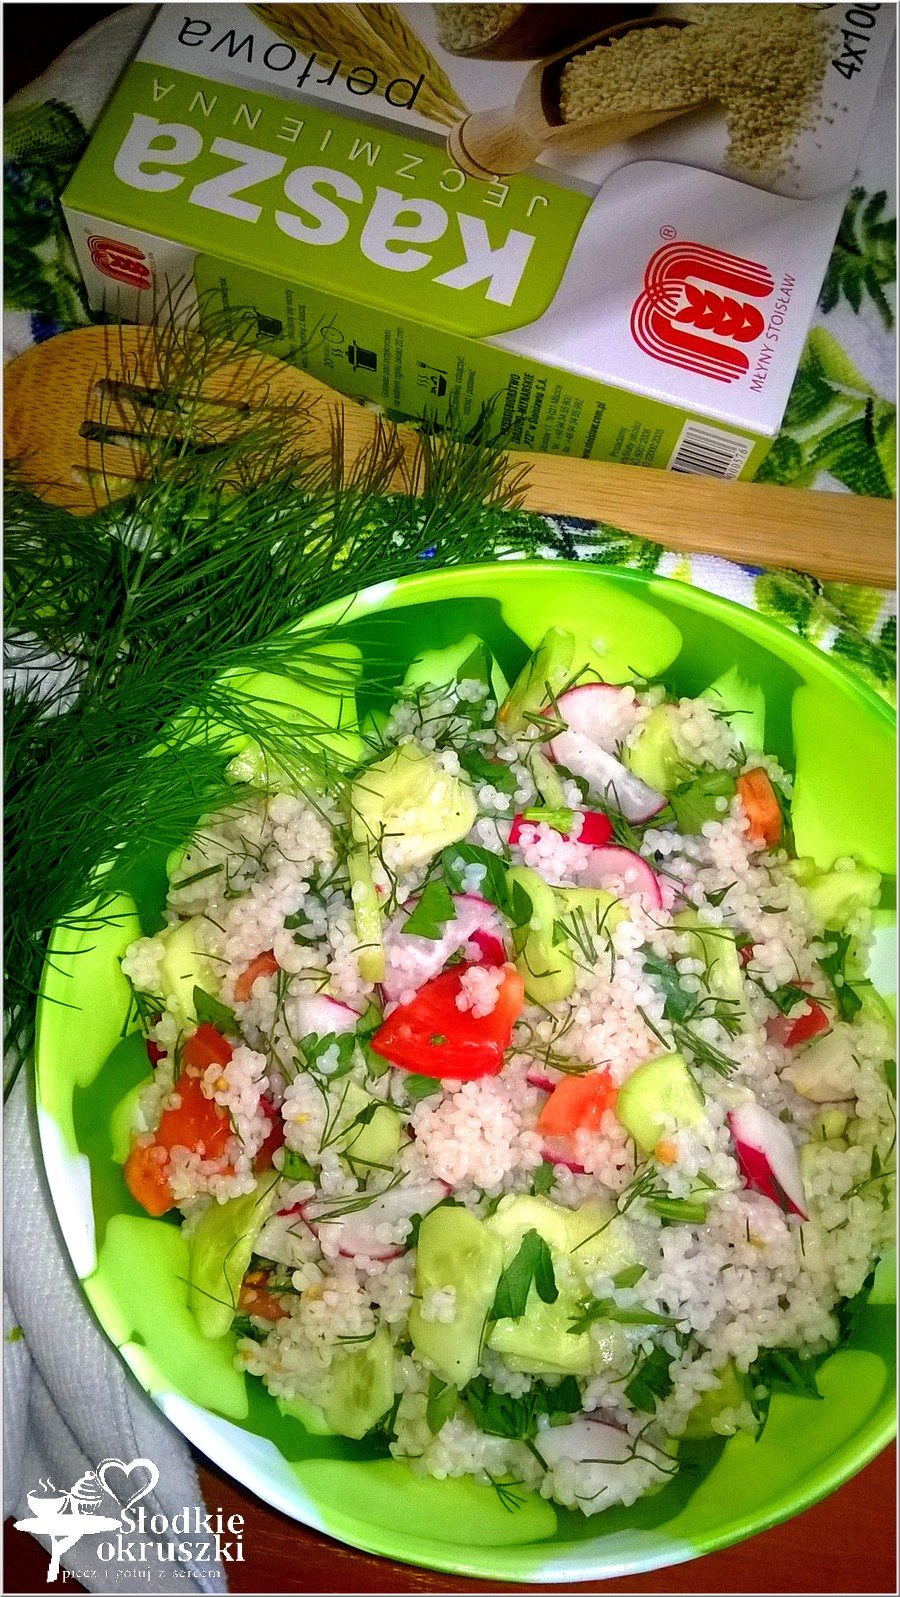 Zdrowa sałatka z kaszą jęczmienną i warzywami (2)